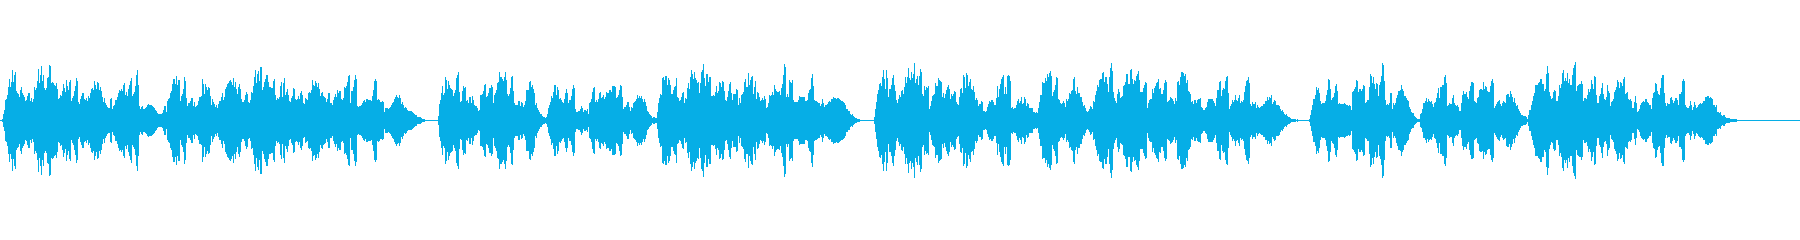 ロングロングアゴー/バイオリンソロの再生済みの波形